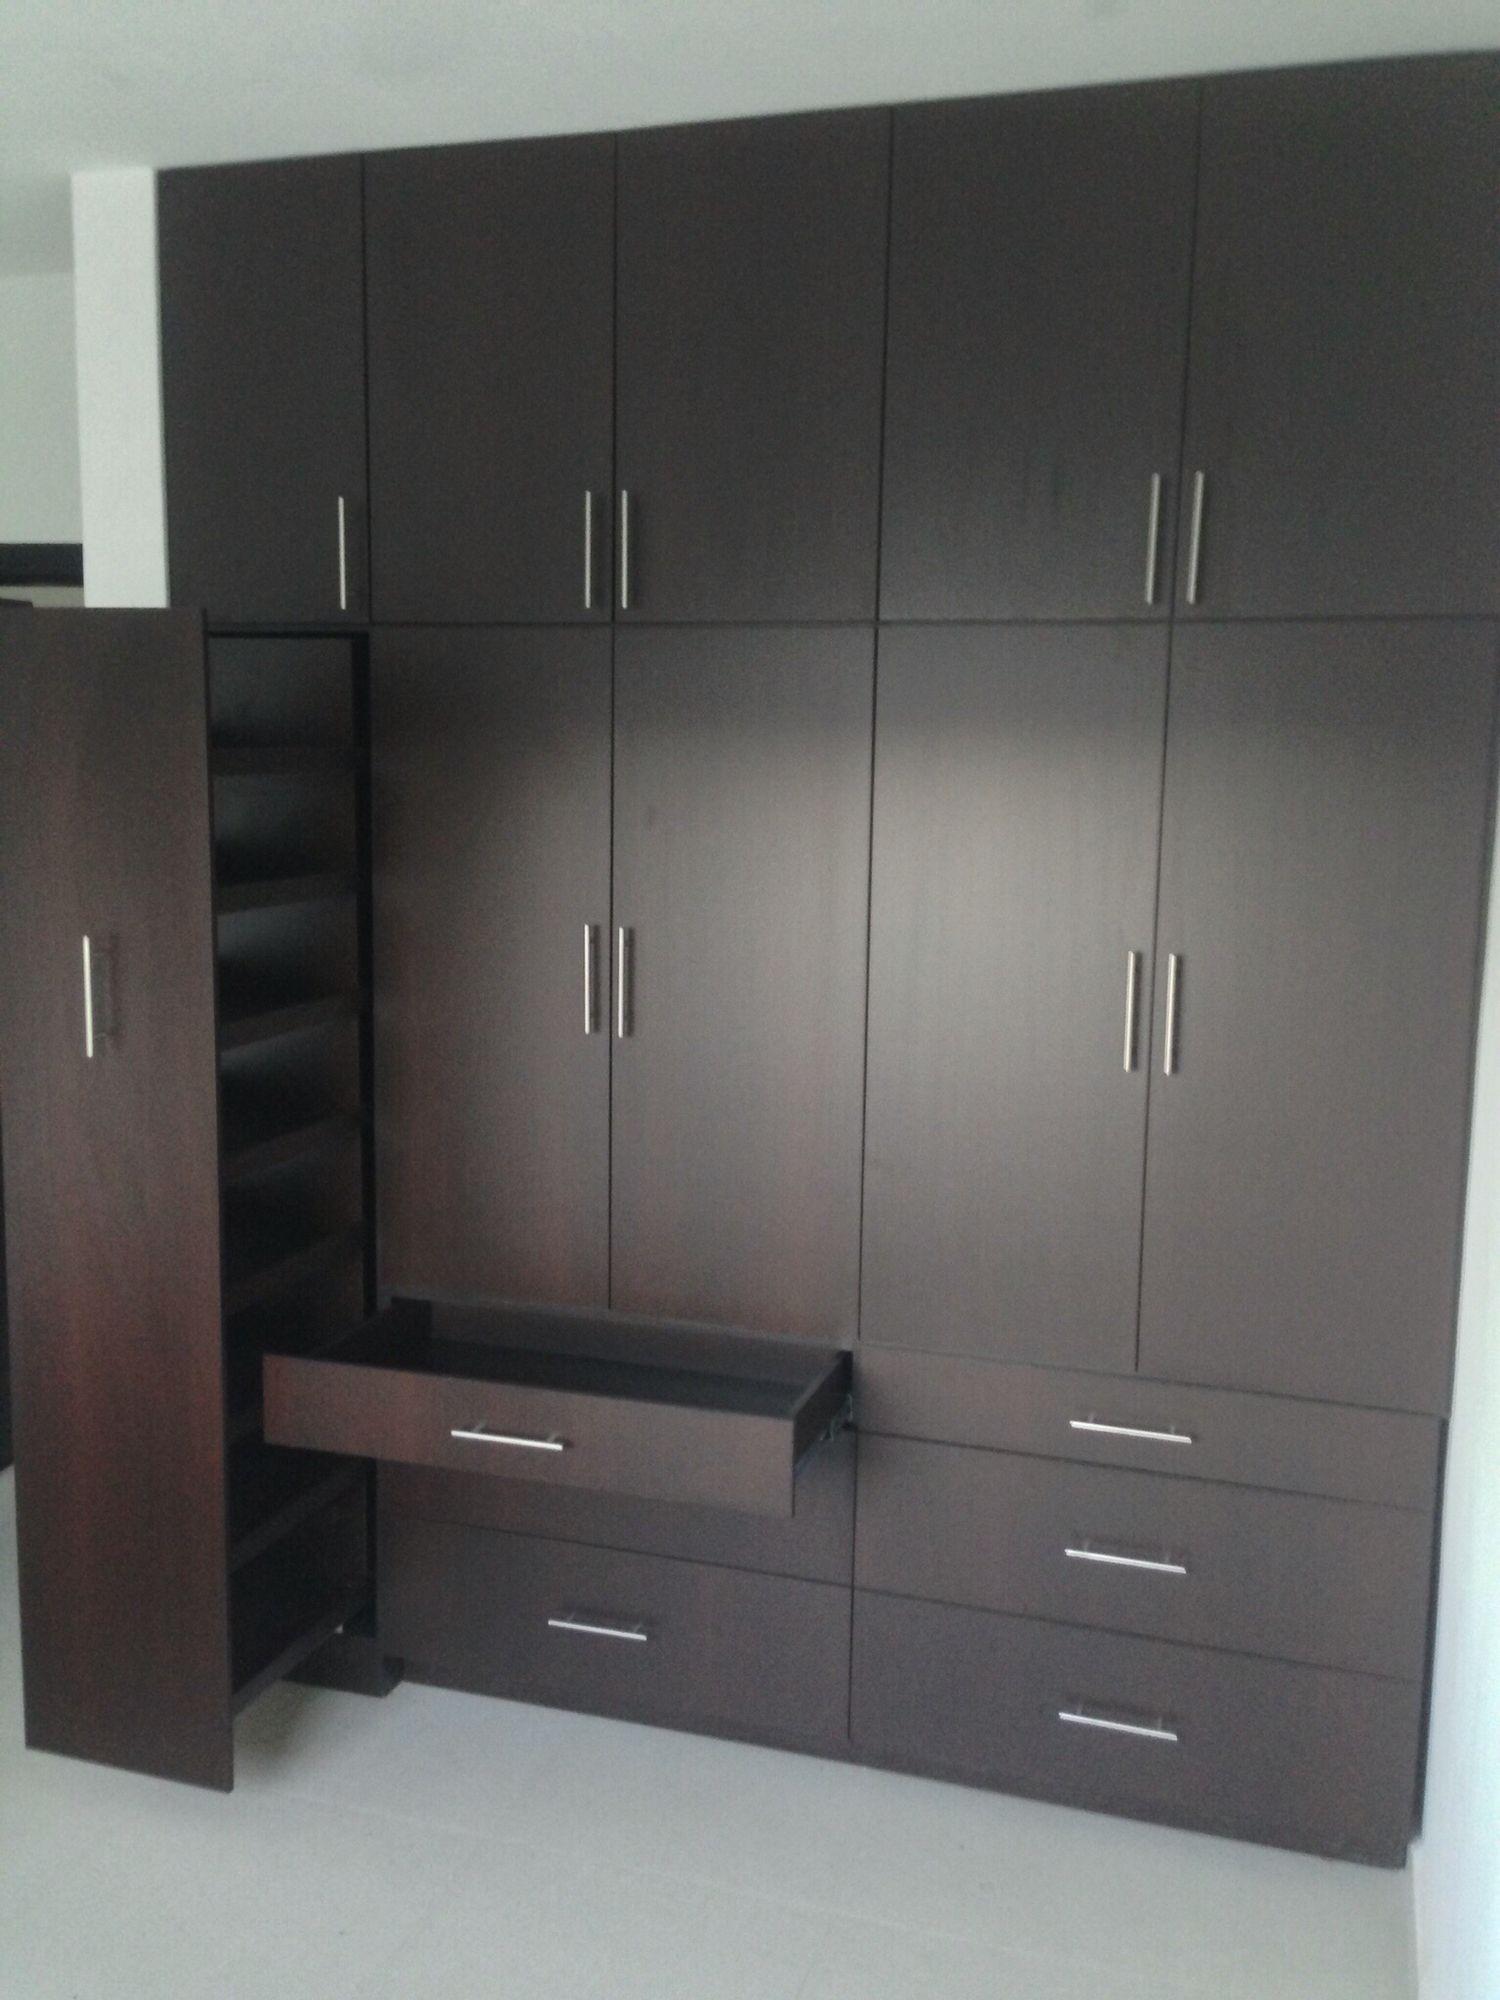 Closet con zapatera y cajones bajos de puertas abatibles for Closet modernos con zapatera